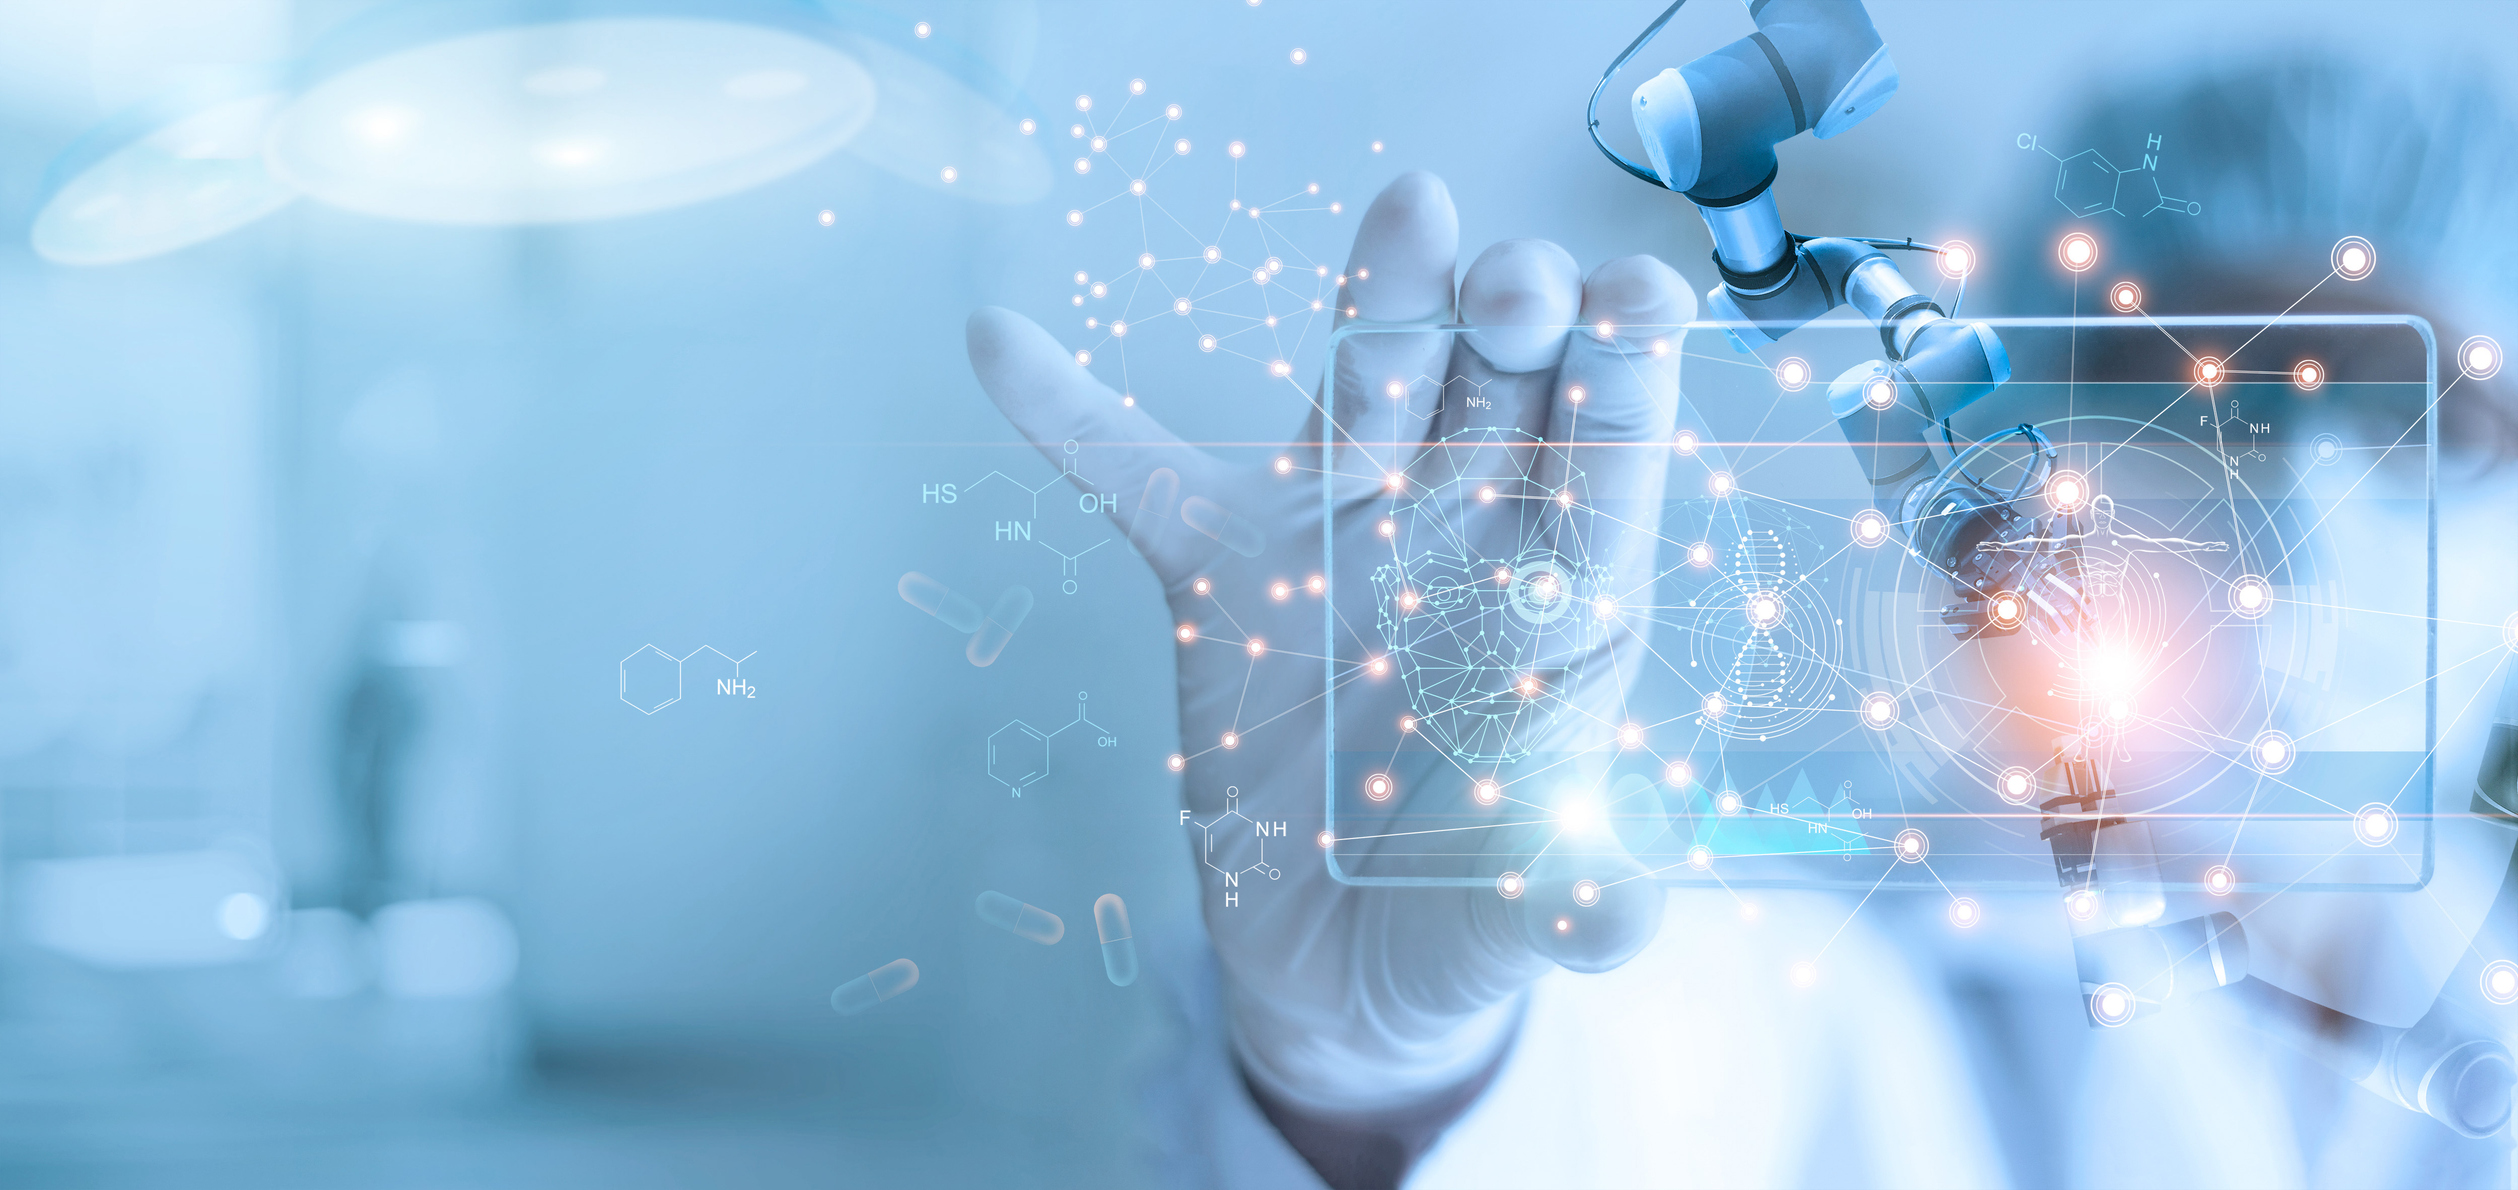 Τεχνητή Νοημοσύνη και Εξωσωματική